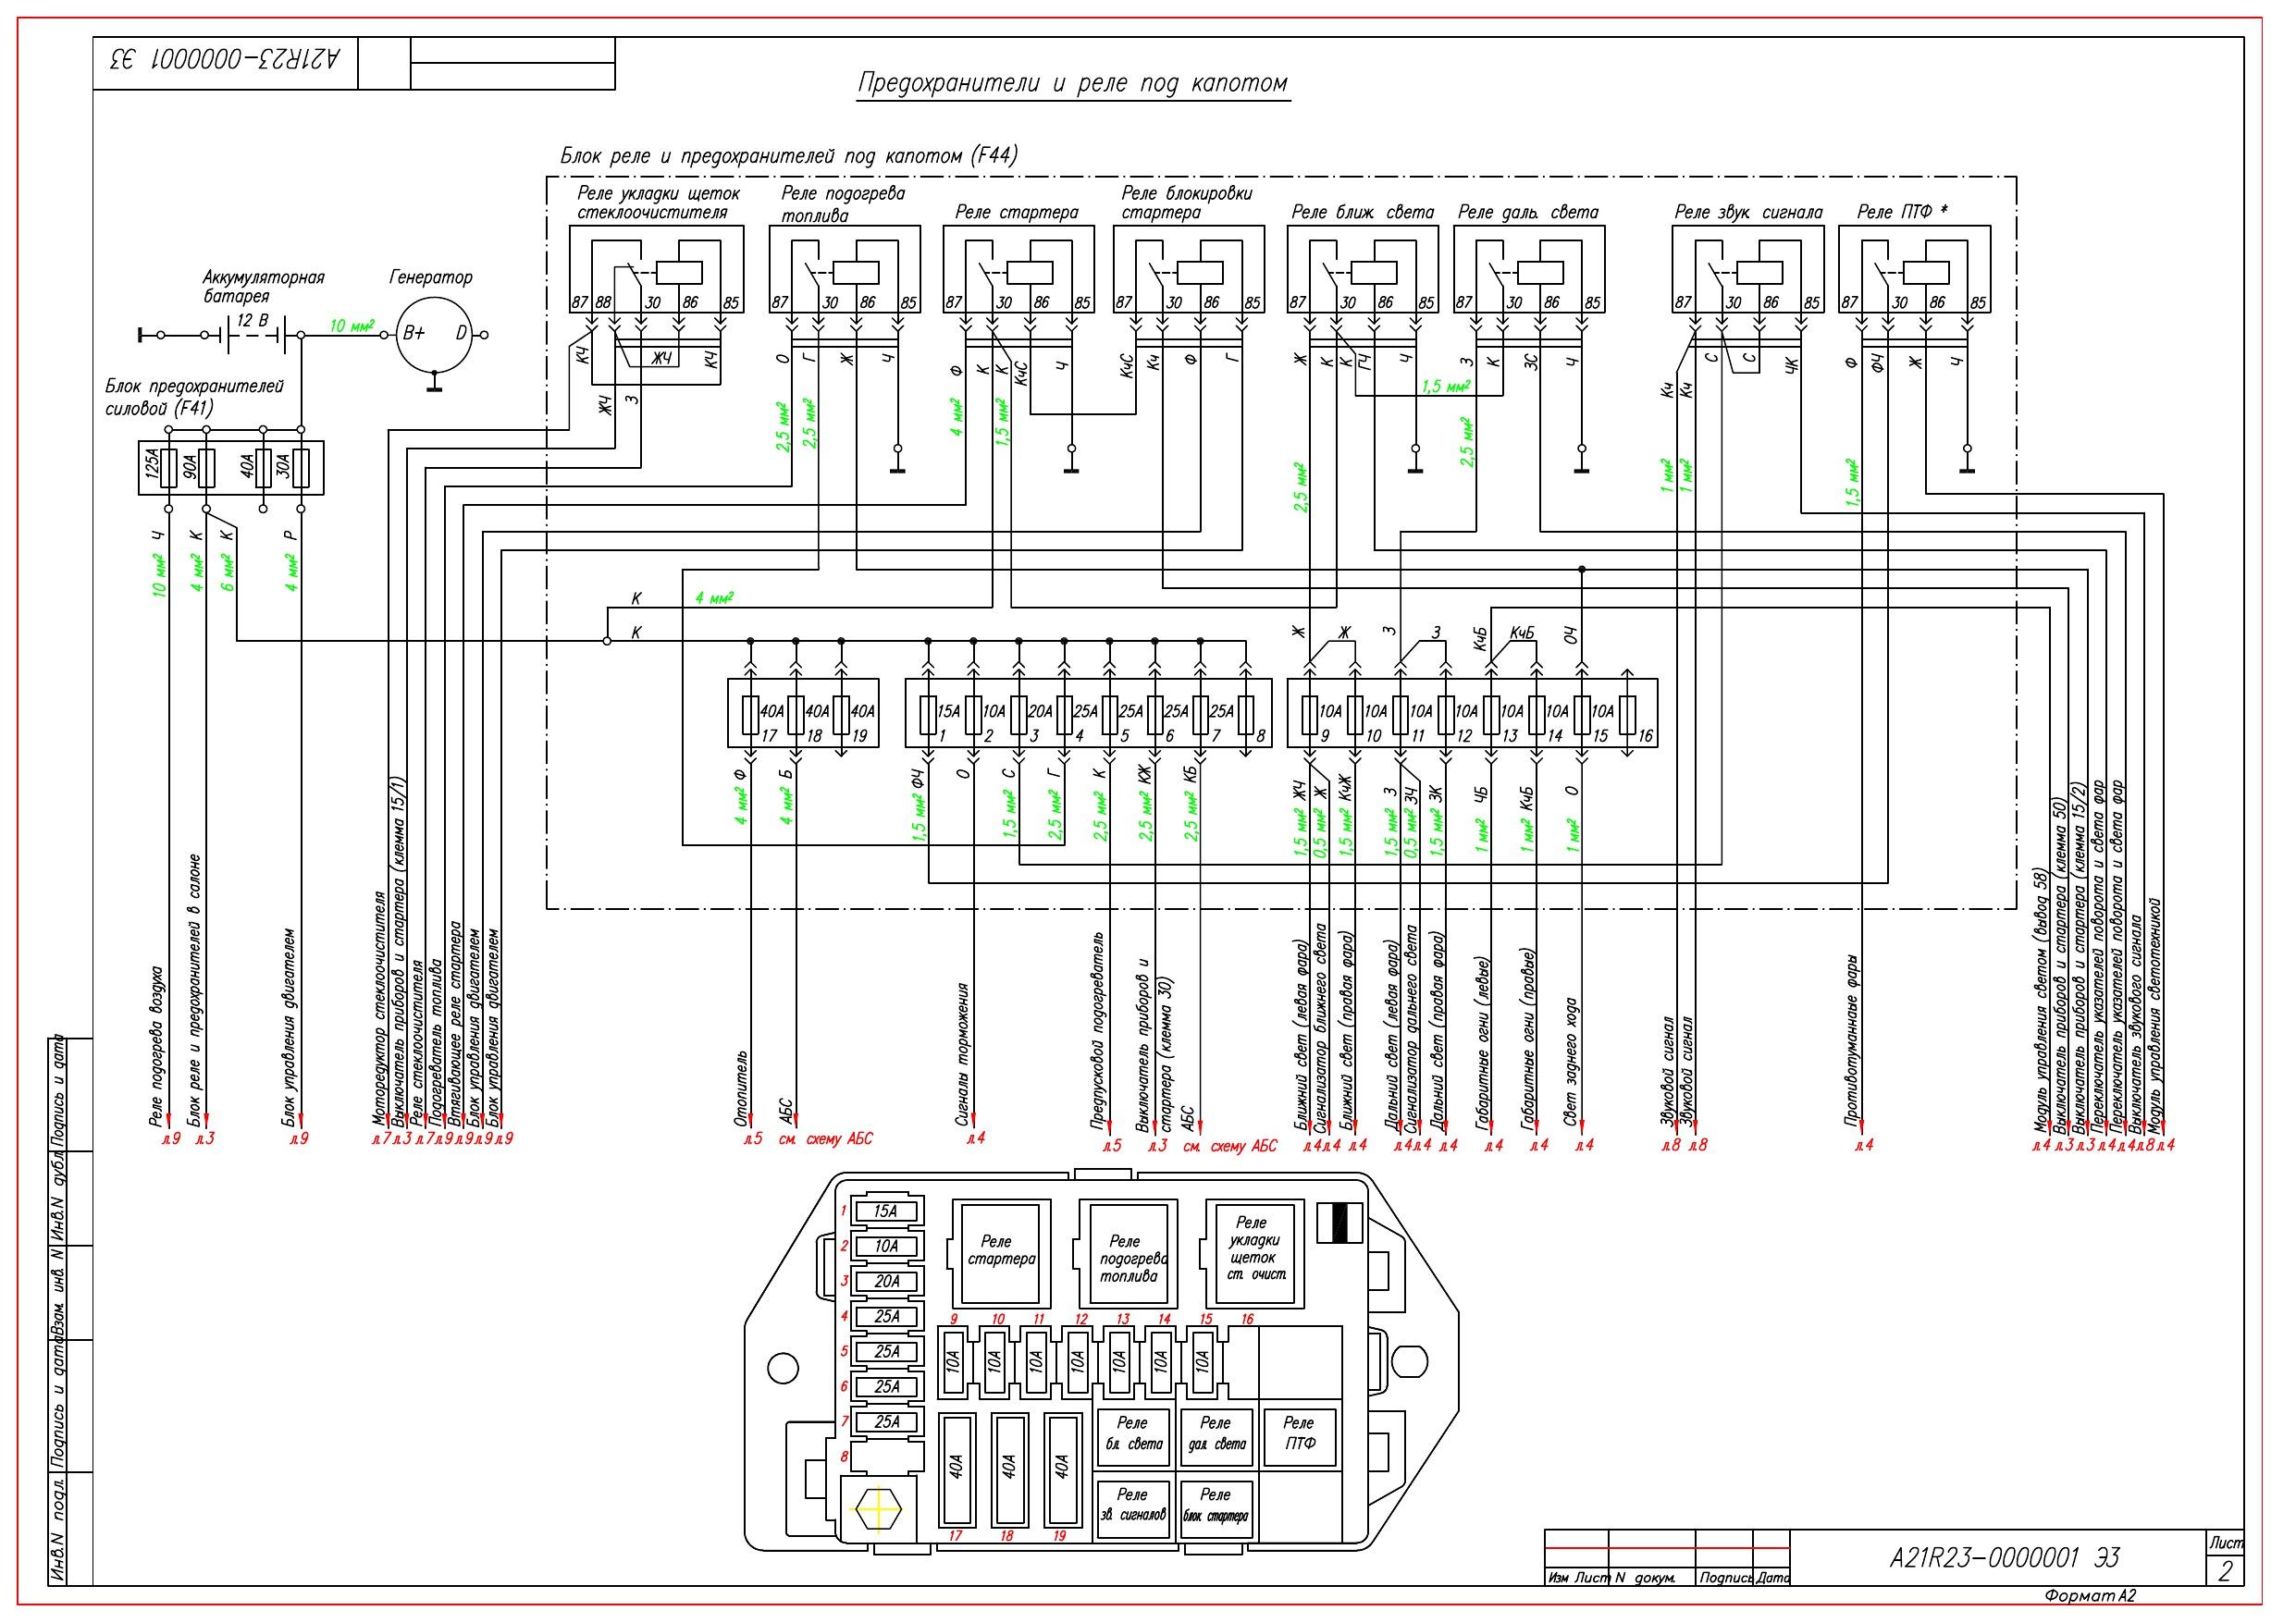 Газель некст схема электропроводки